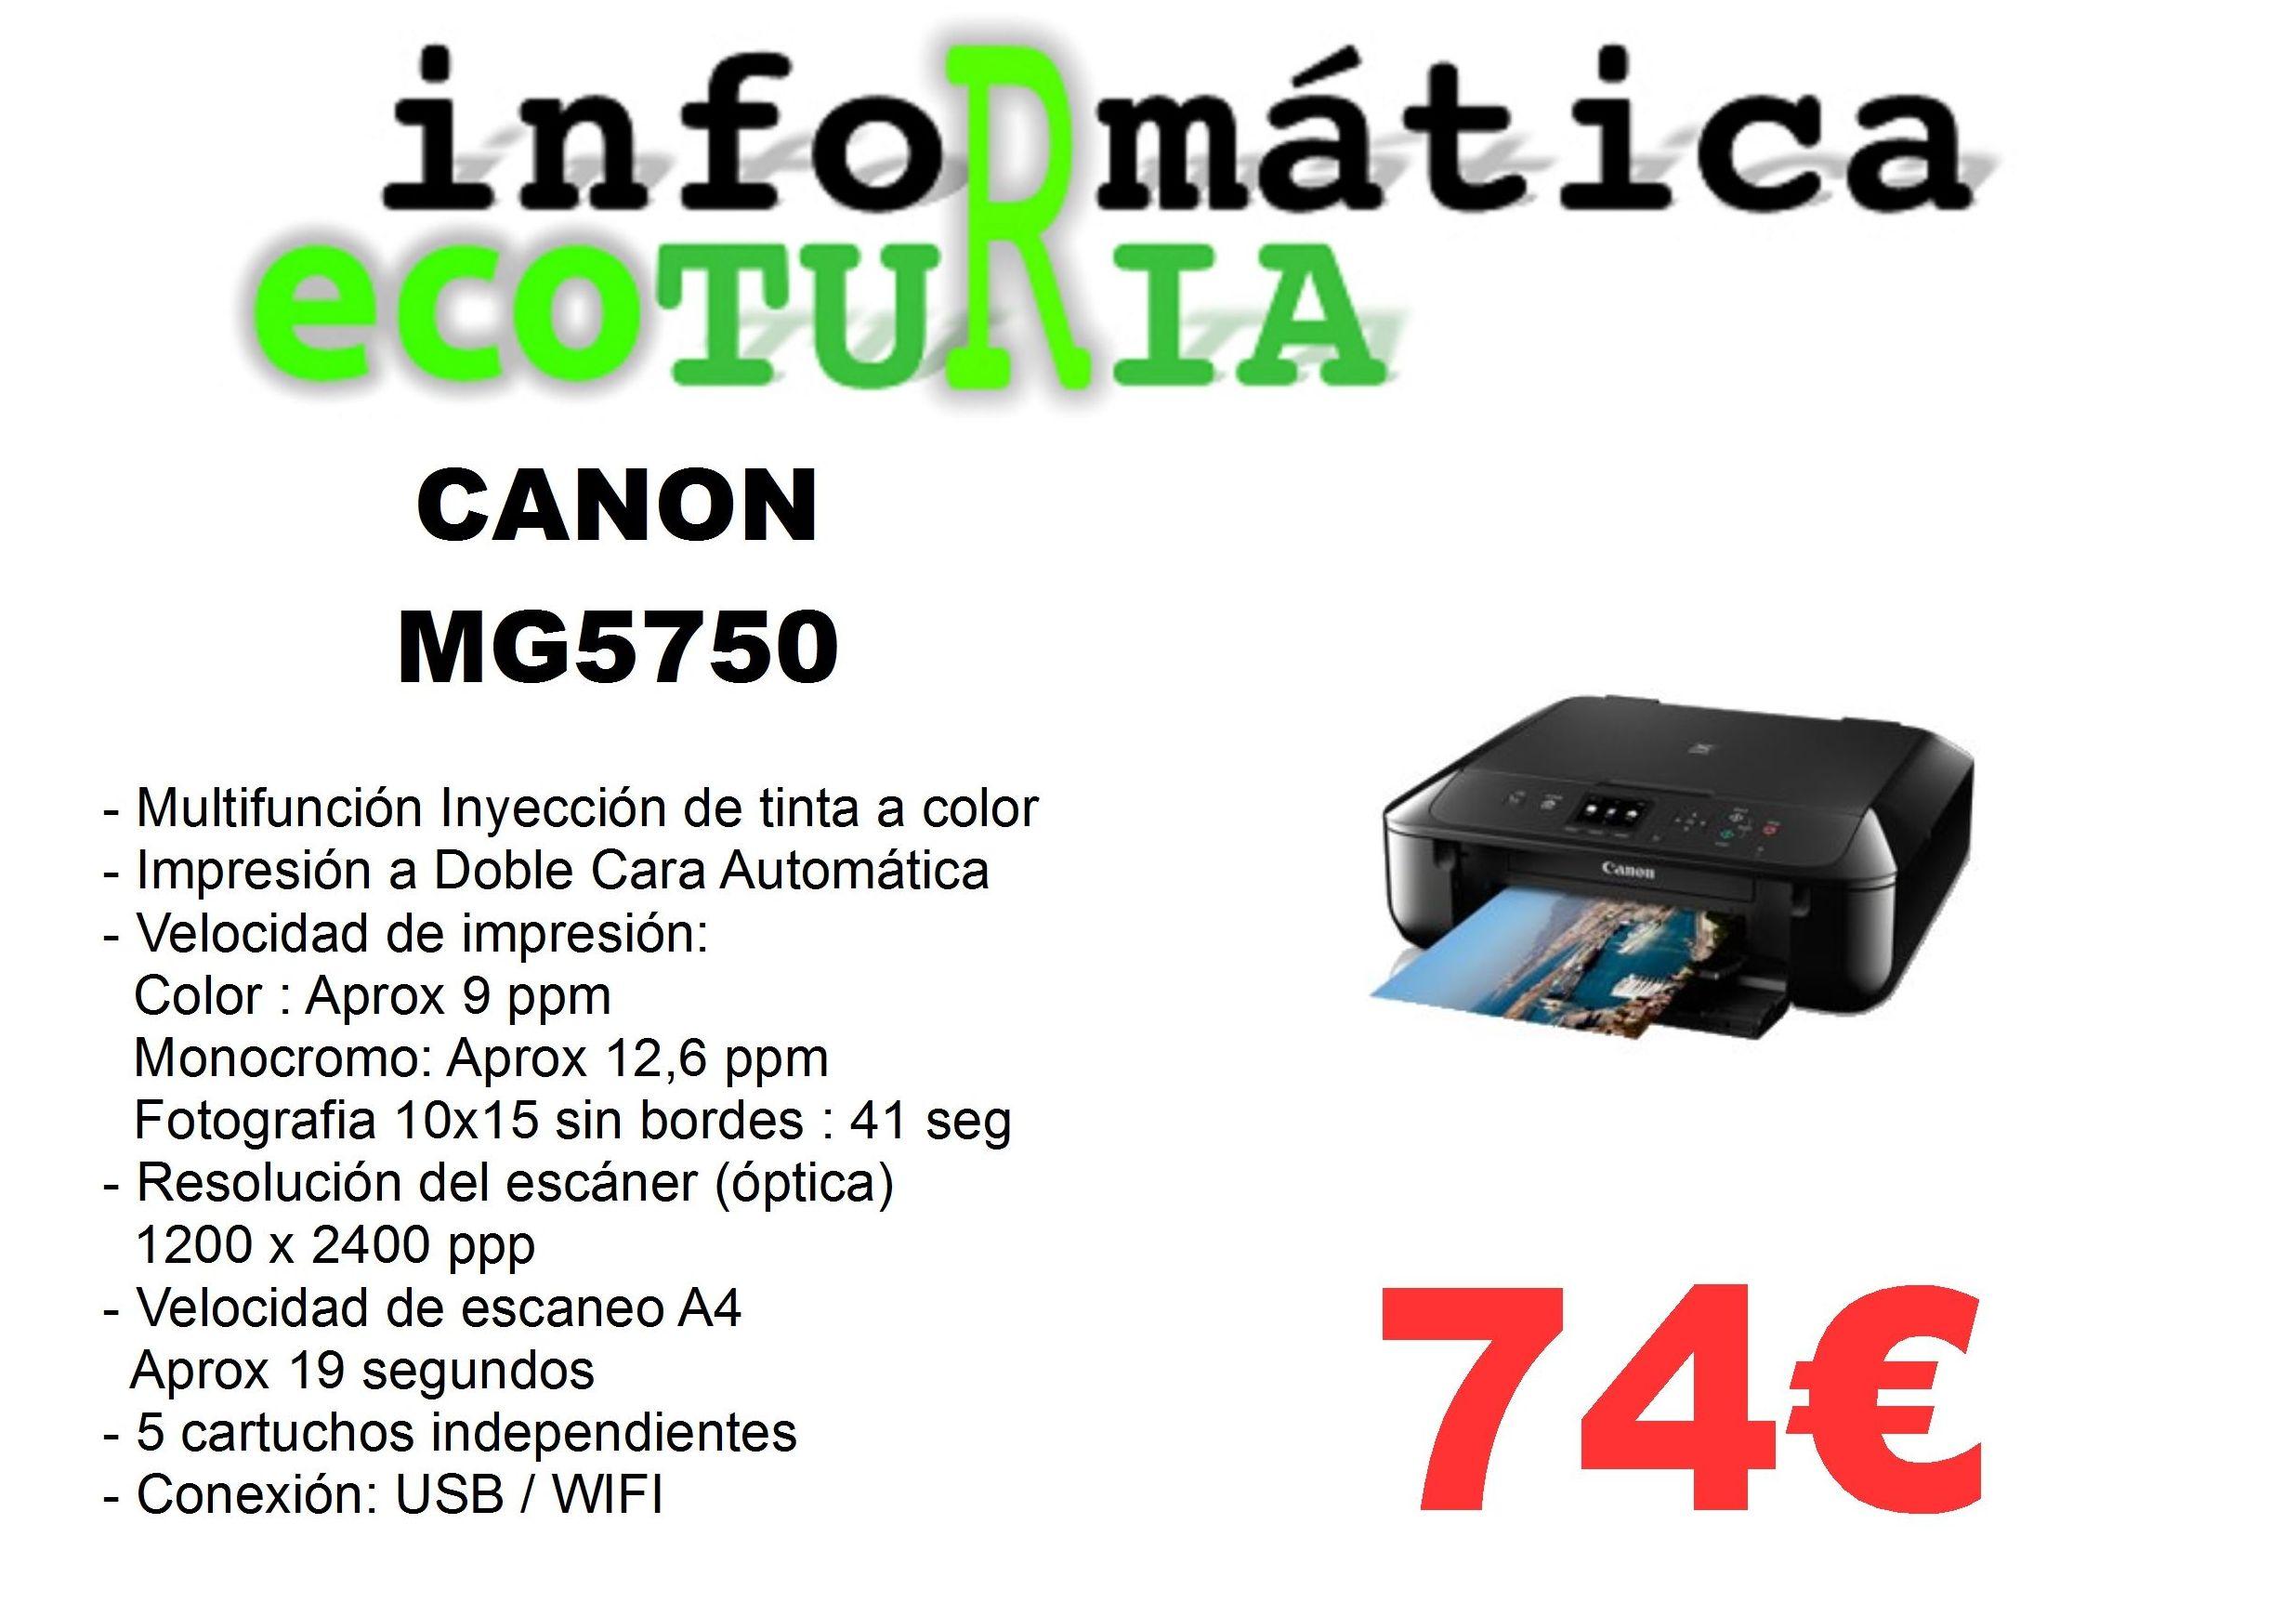 Multifunción Canon MG5750